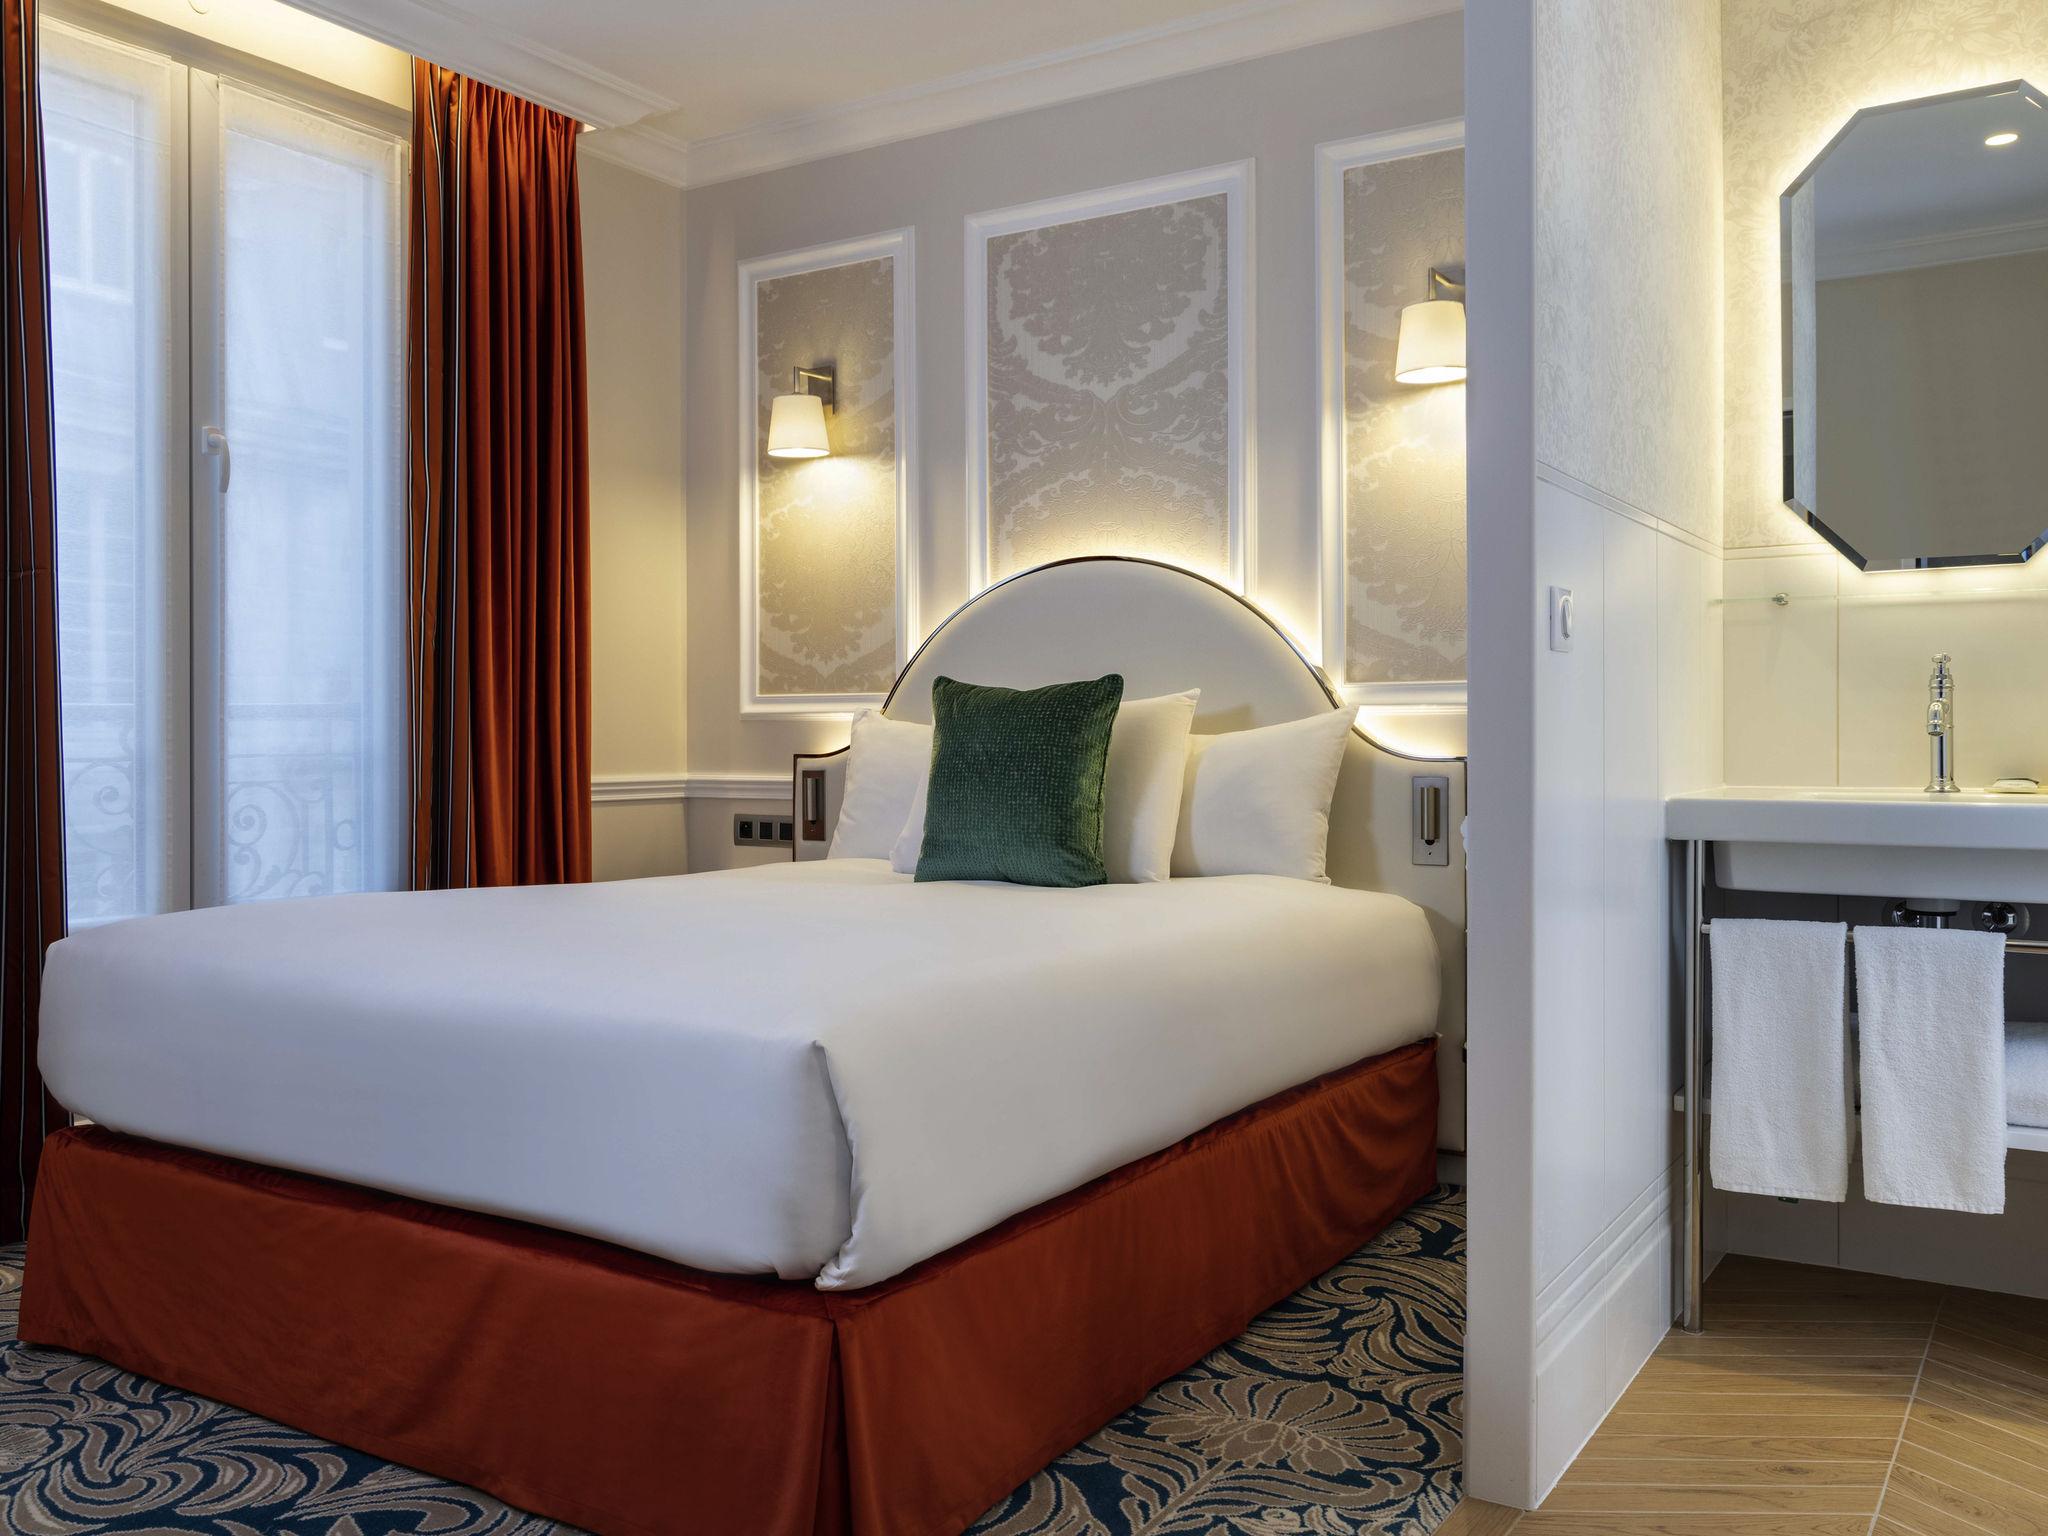 Hotel – Hotel Mercure Paris La Sorbonne Saint Germain des Prés